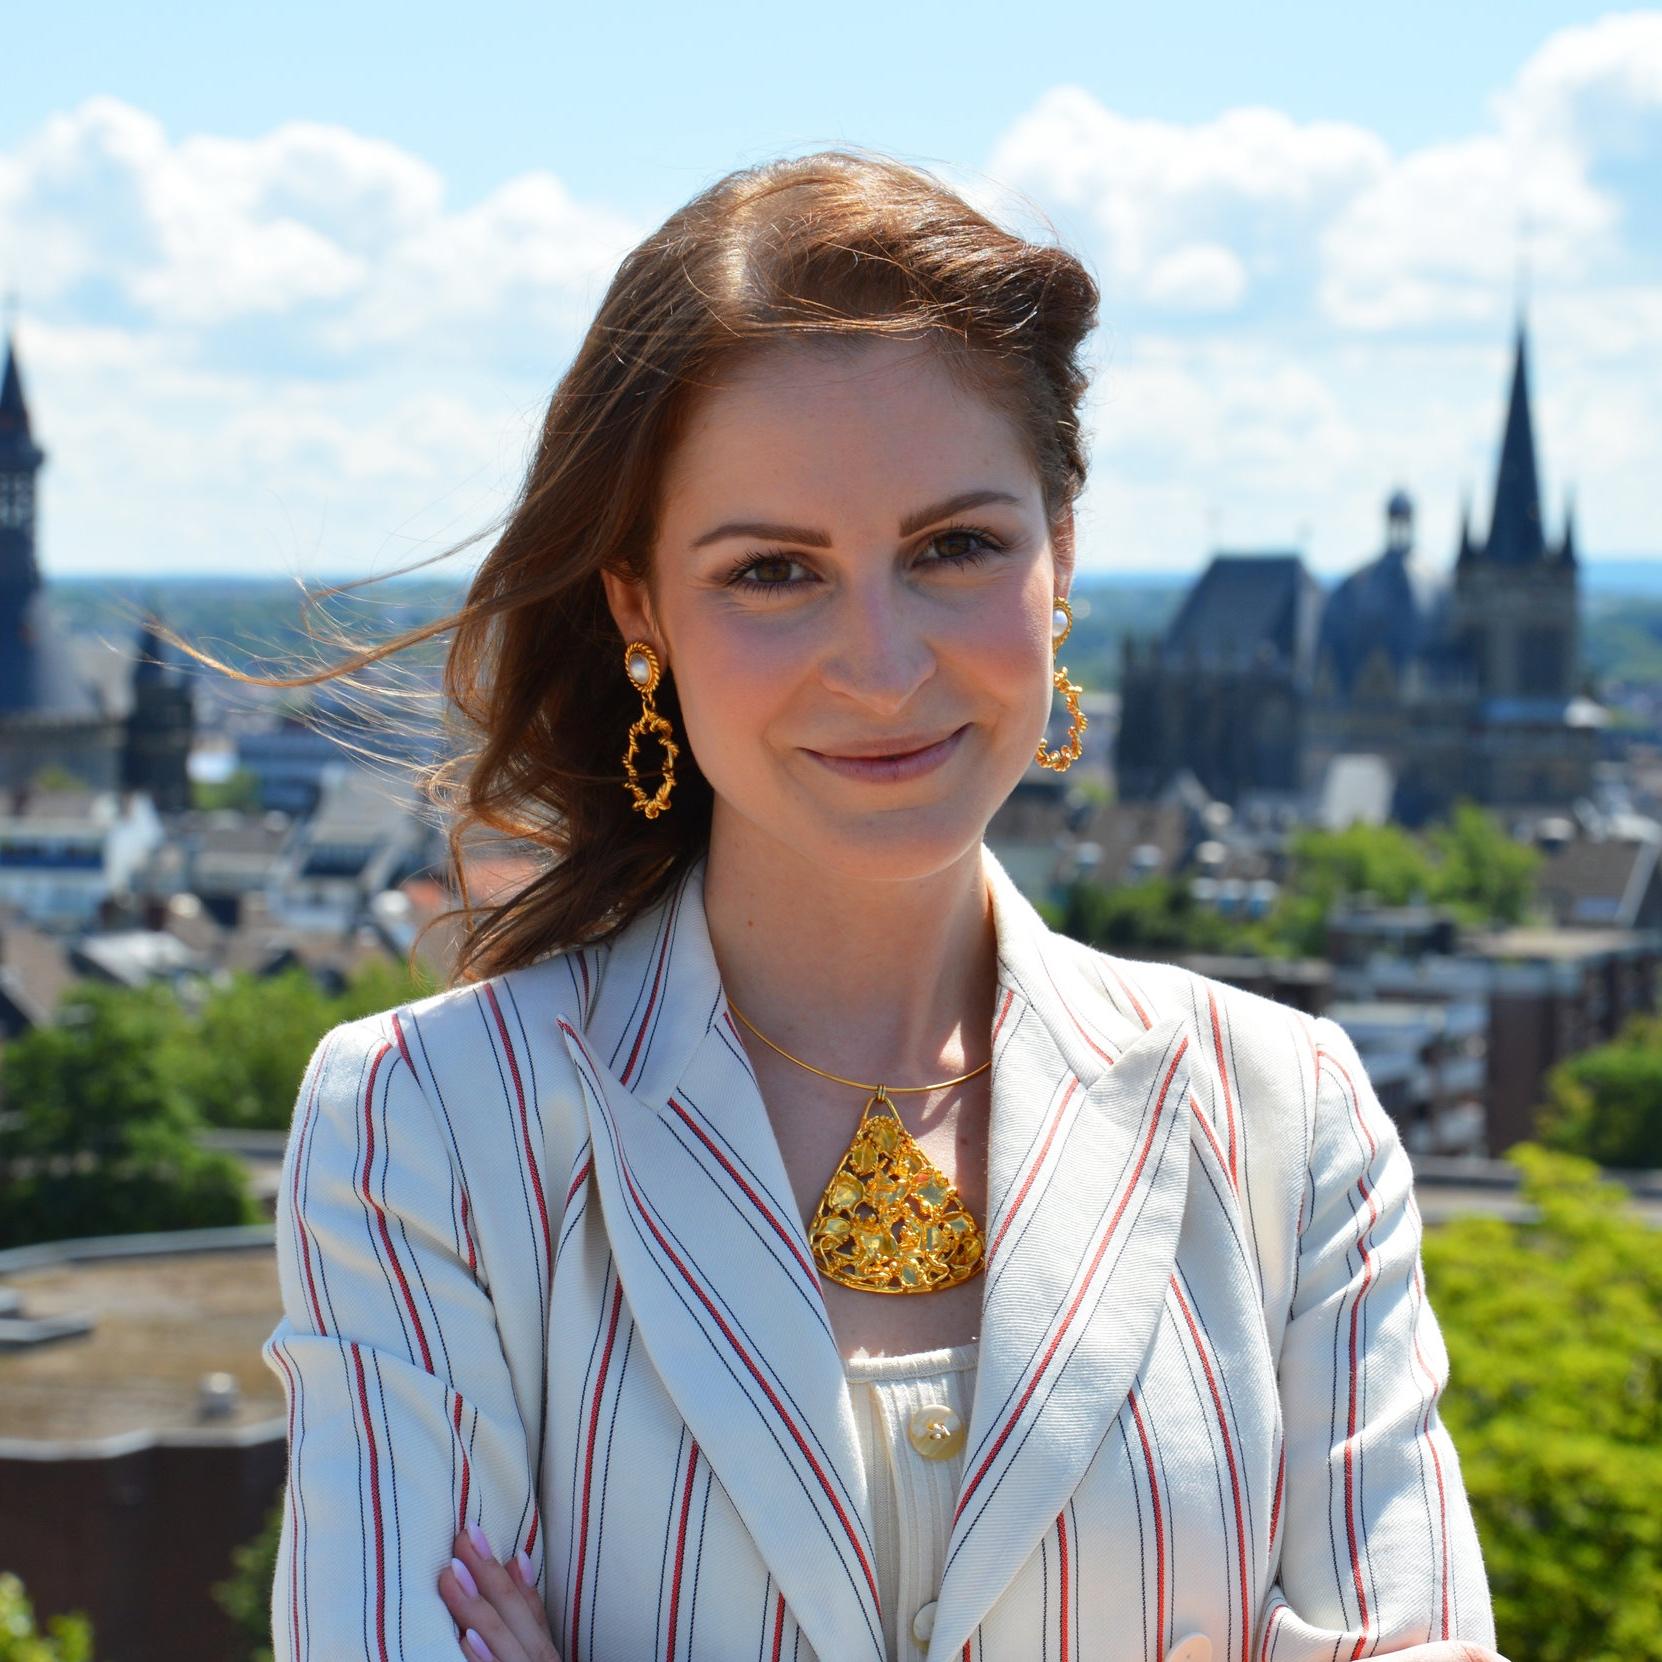 Felicia Kufferath-Kassner, Gründerin & CEO von FELINE VINTAGE